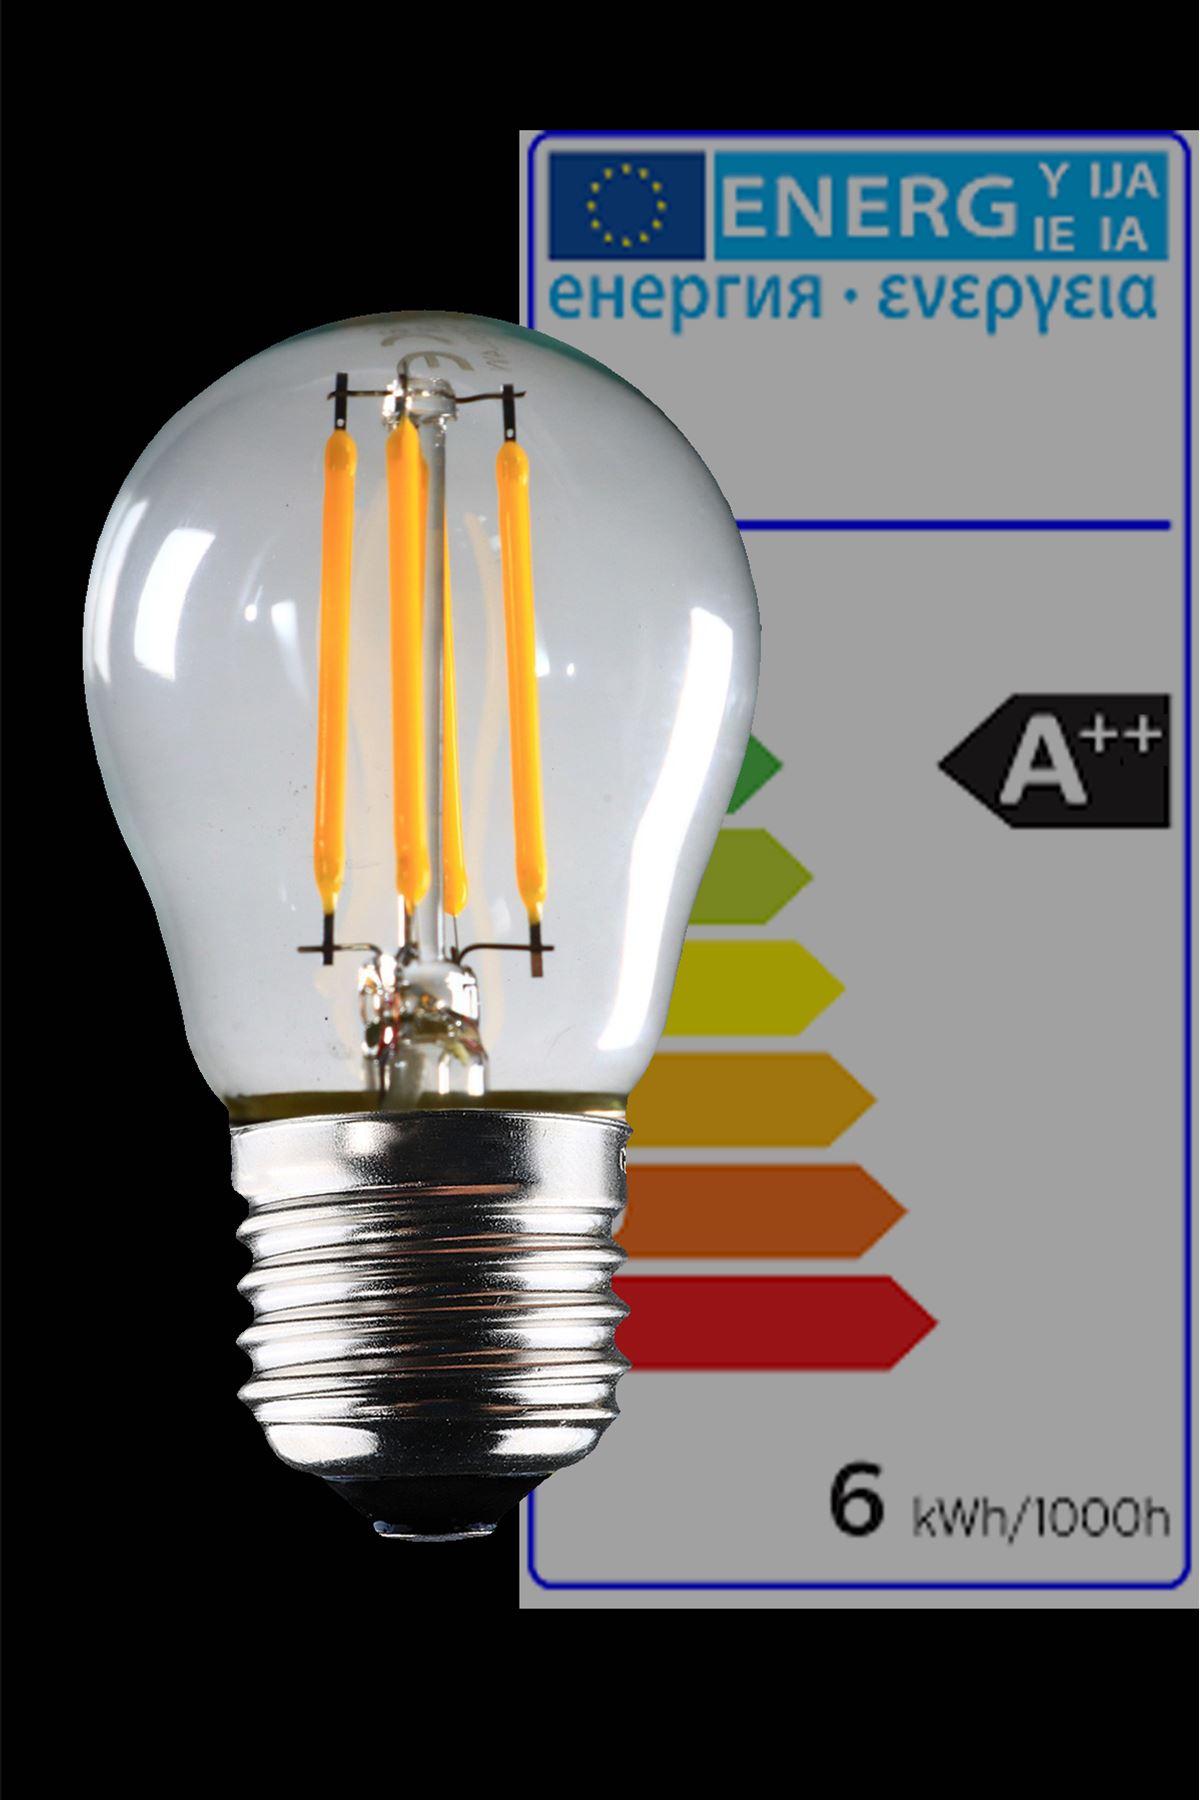 Luzarana  E27 G45  6 Watt Gün Işığı Standart Tip Filament Edison Tip Rustik LED Top Ampül (Heka)